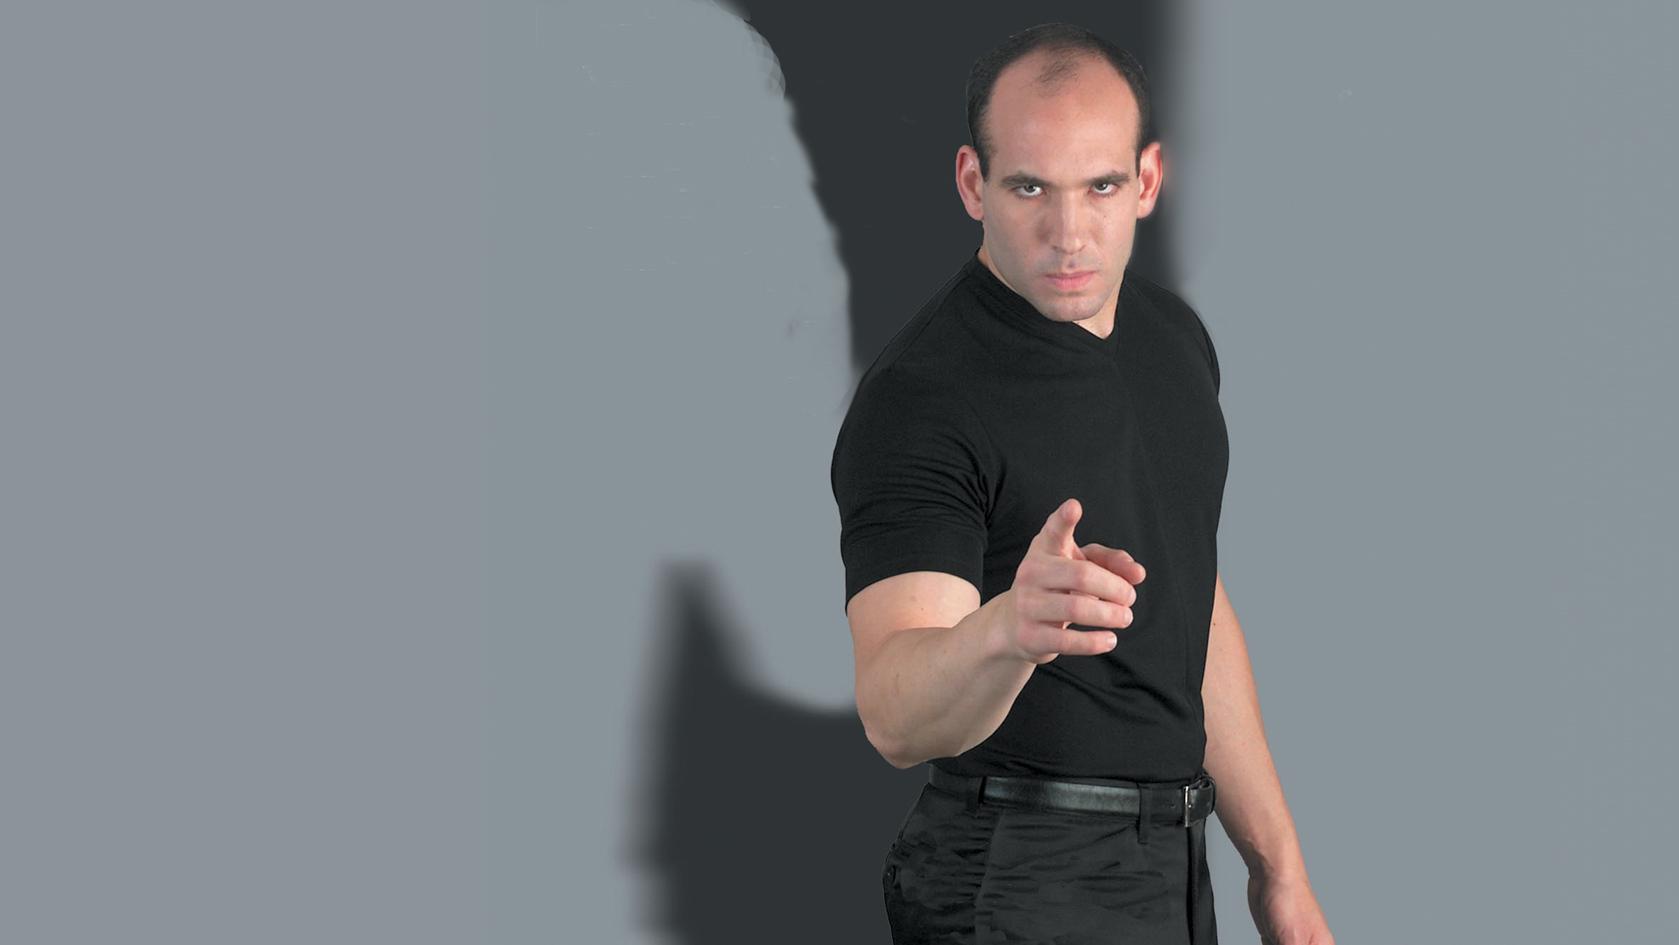 Juggling Master 2000